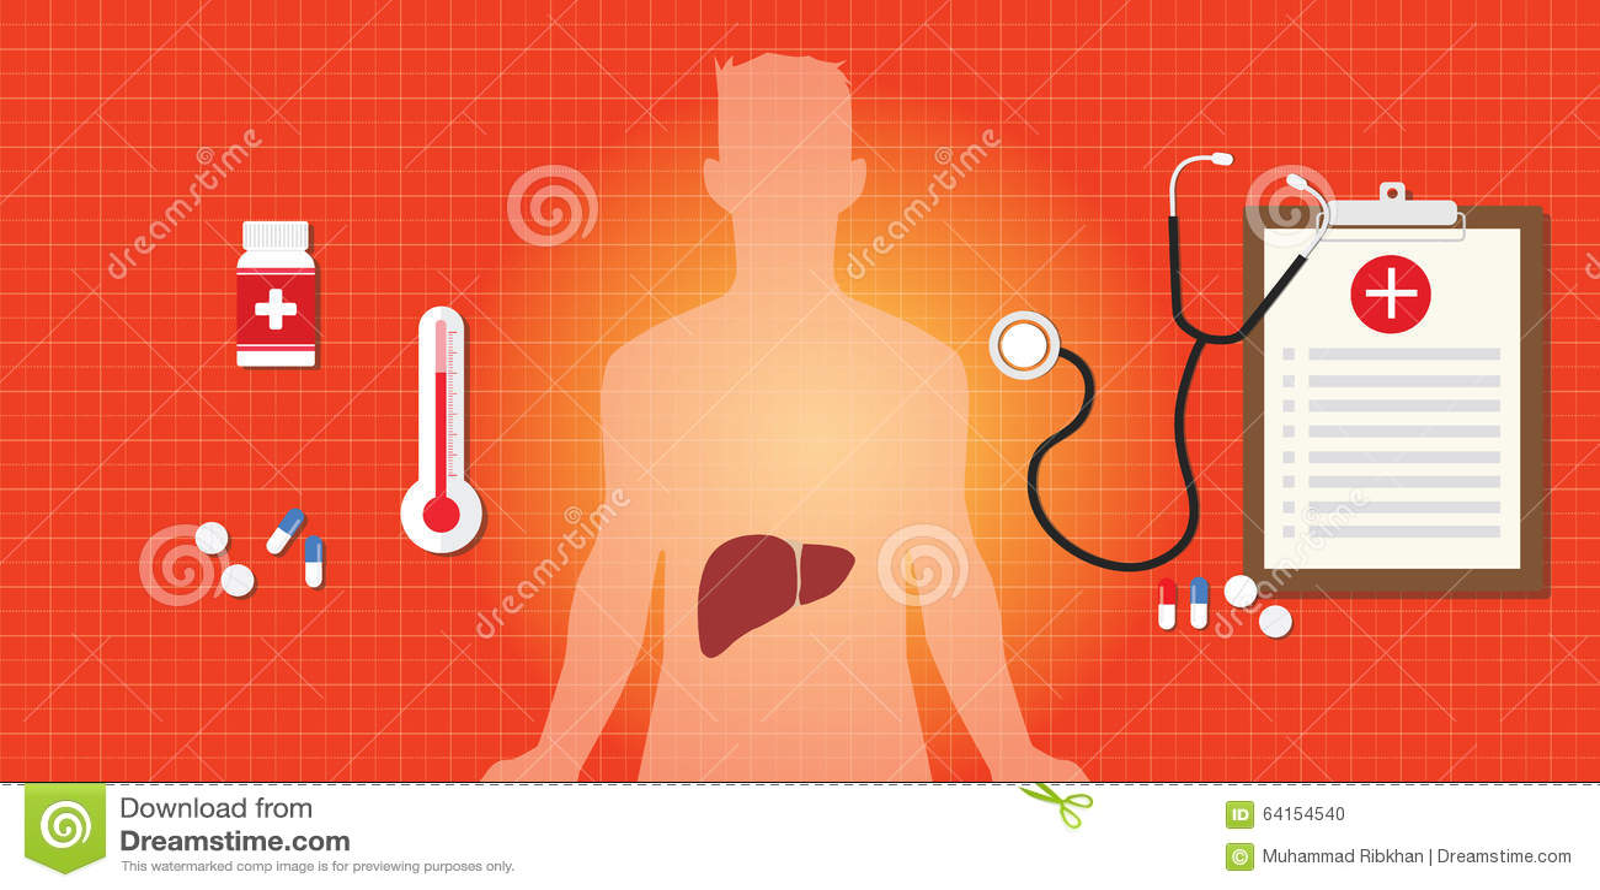 Medicina del virus dell organo umano di affezione epatica di epatite virale A b c